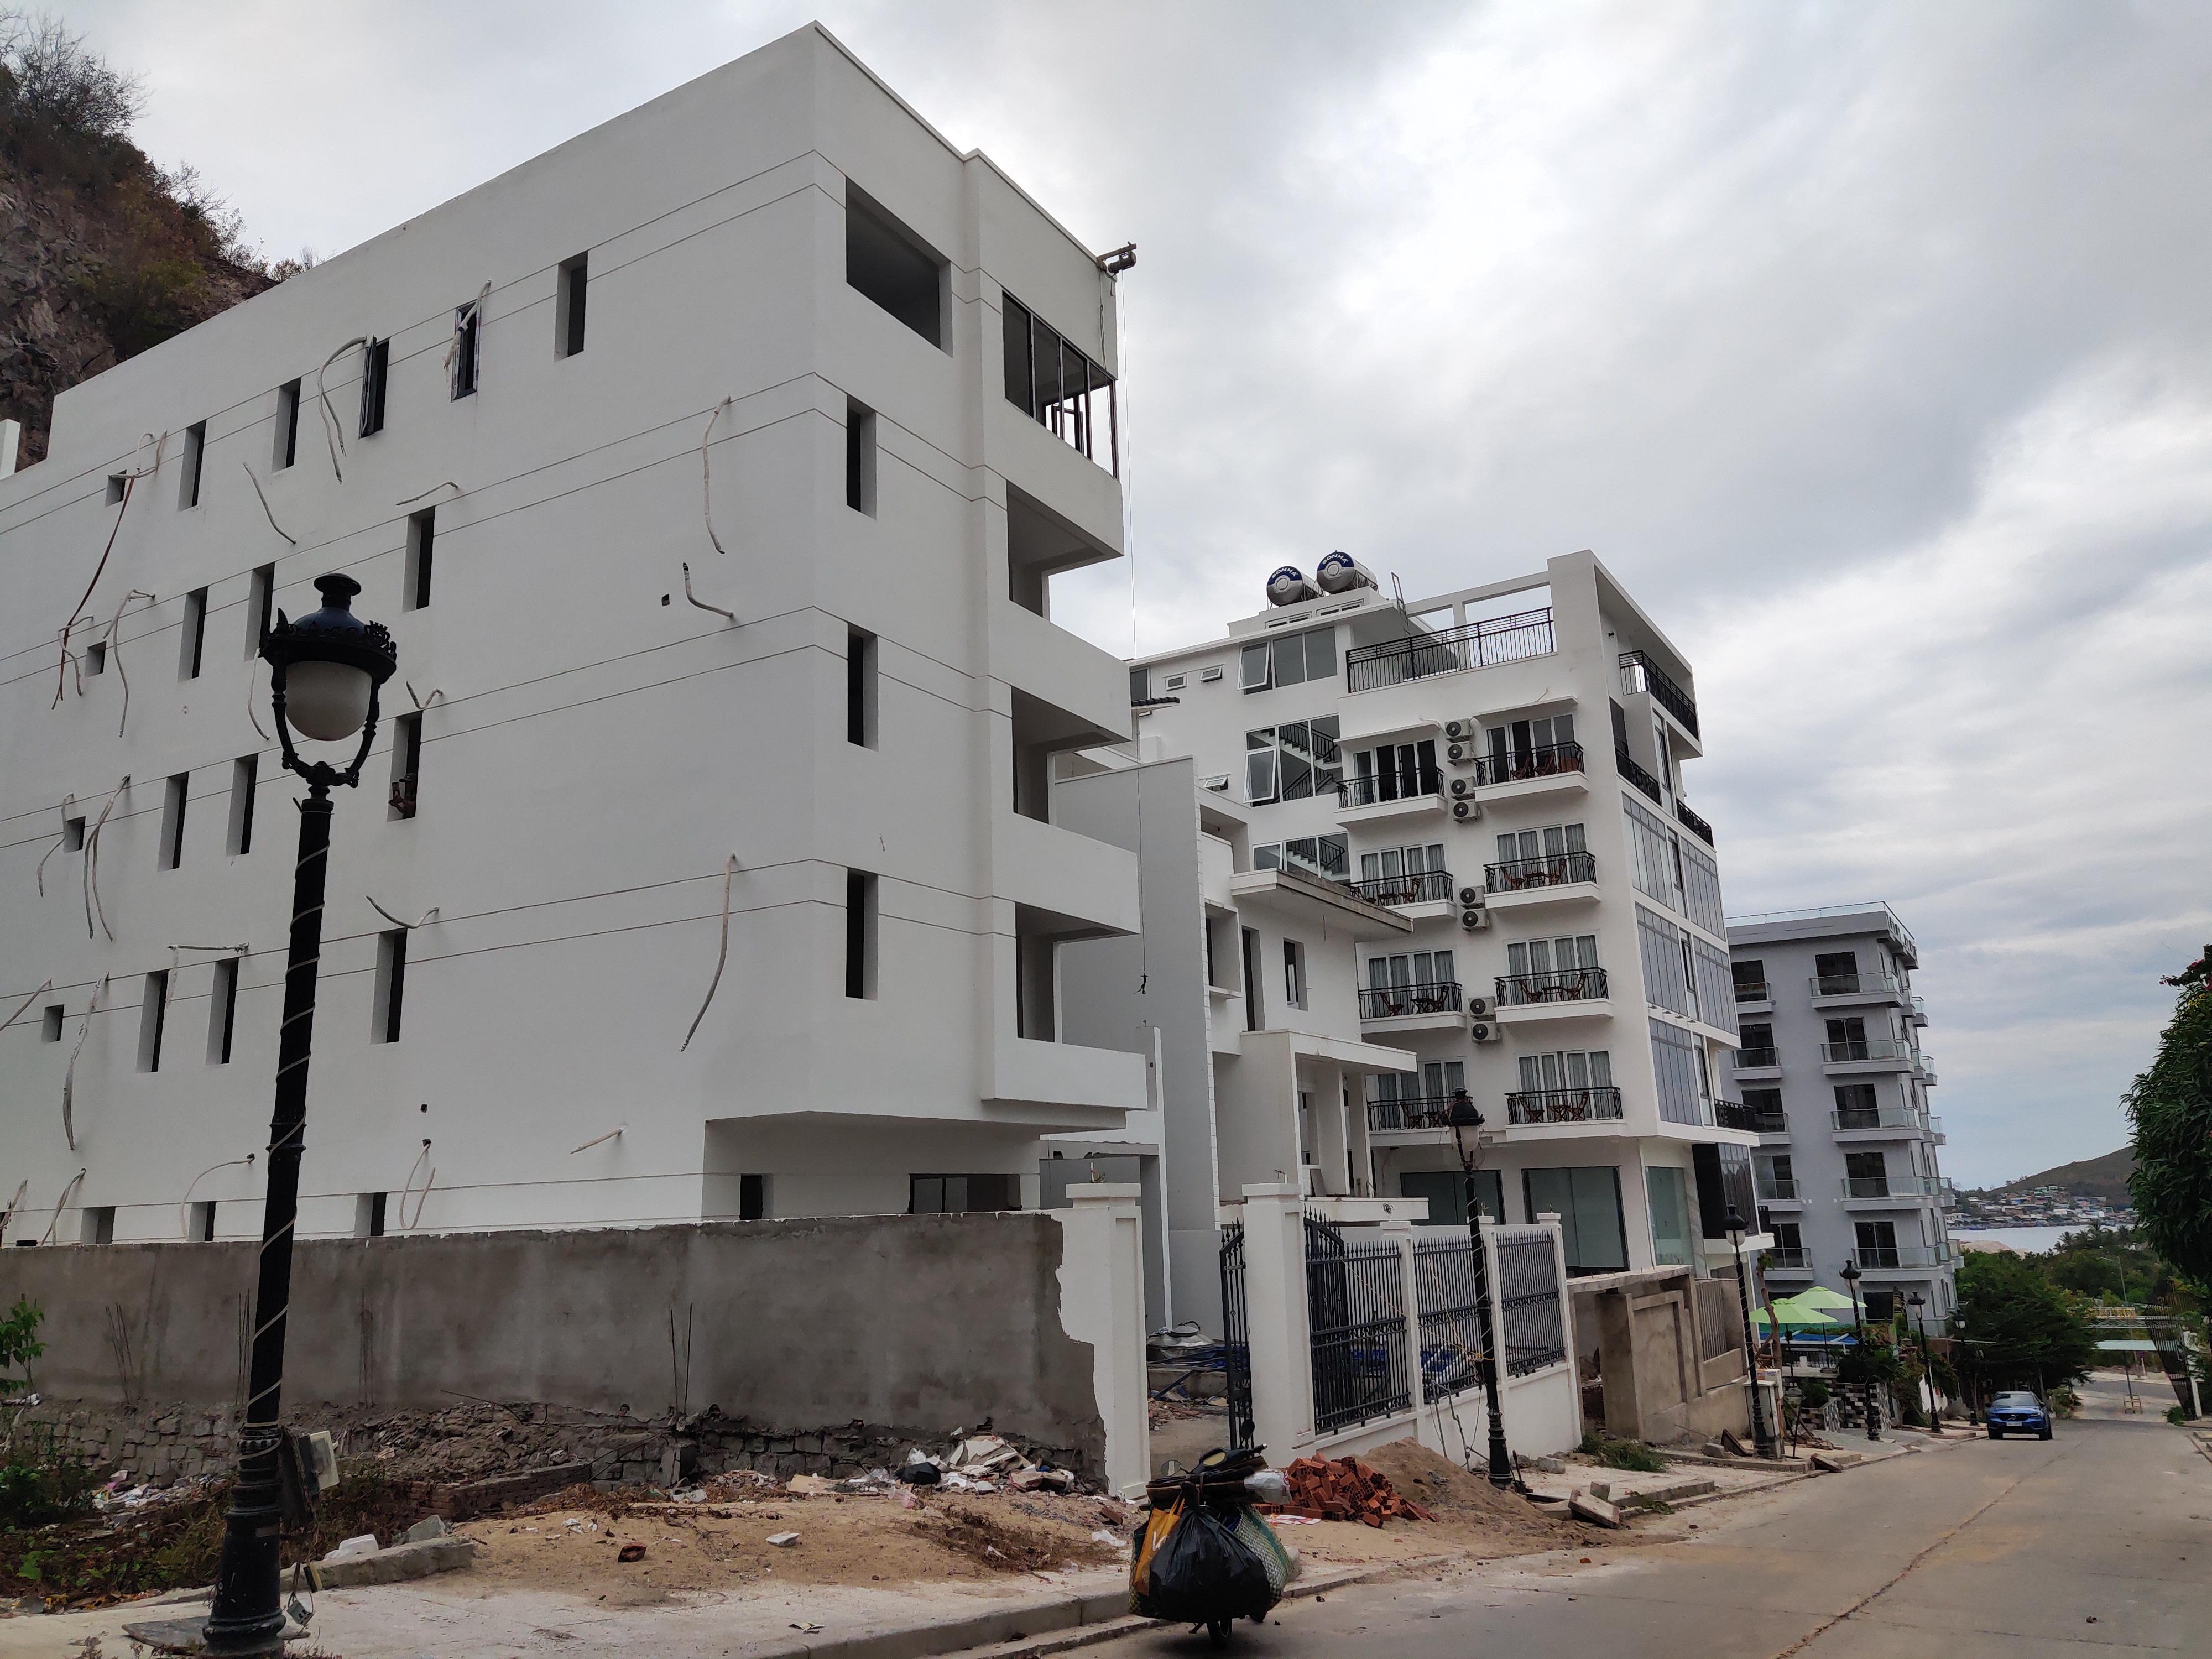 Cận cảnh dự án Ocean View ung dung hoàn thành các căn biệt thự bất chấp lệnh cưỡng chế - Ảnh 12.